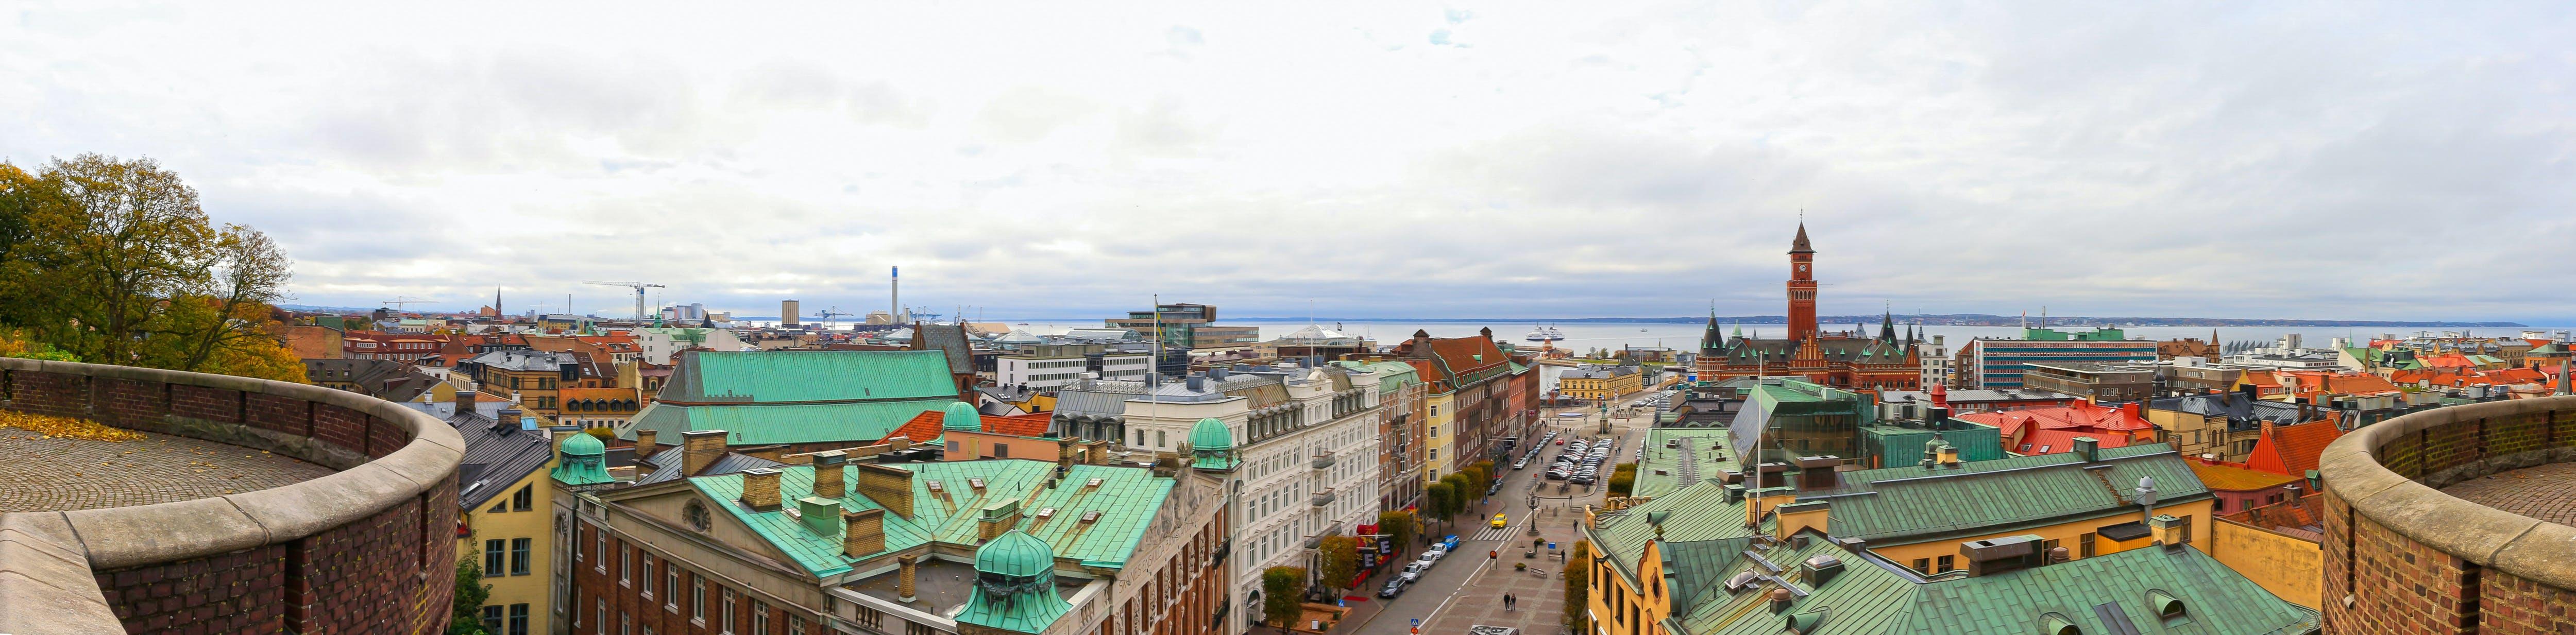 No 27 Helsingborg